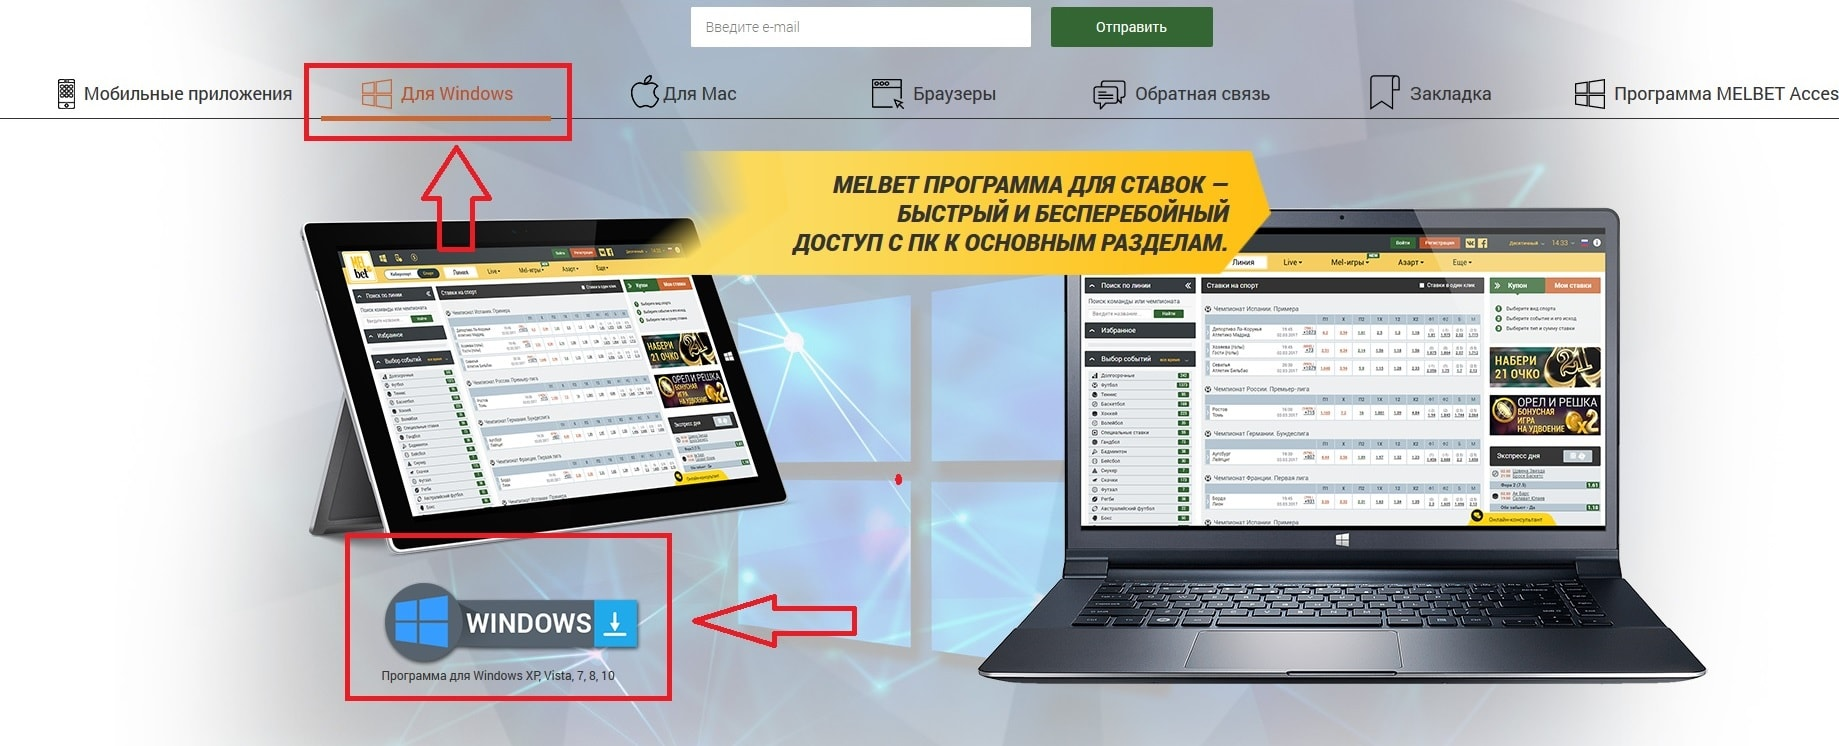 приложение для Windows